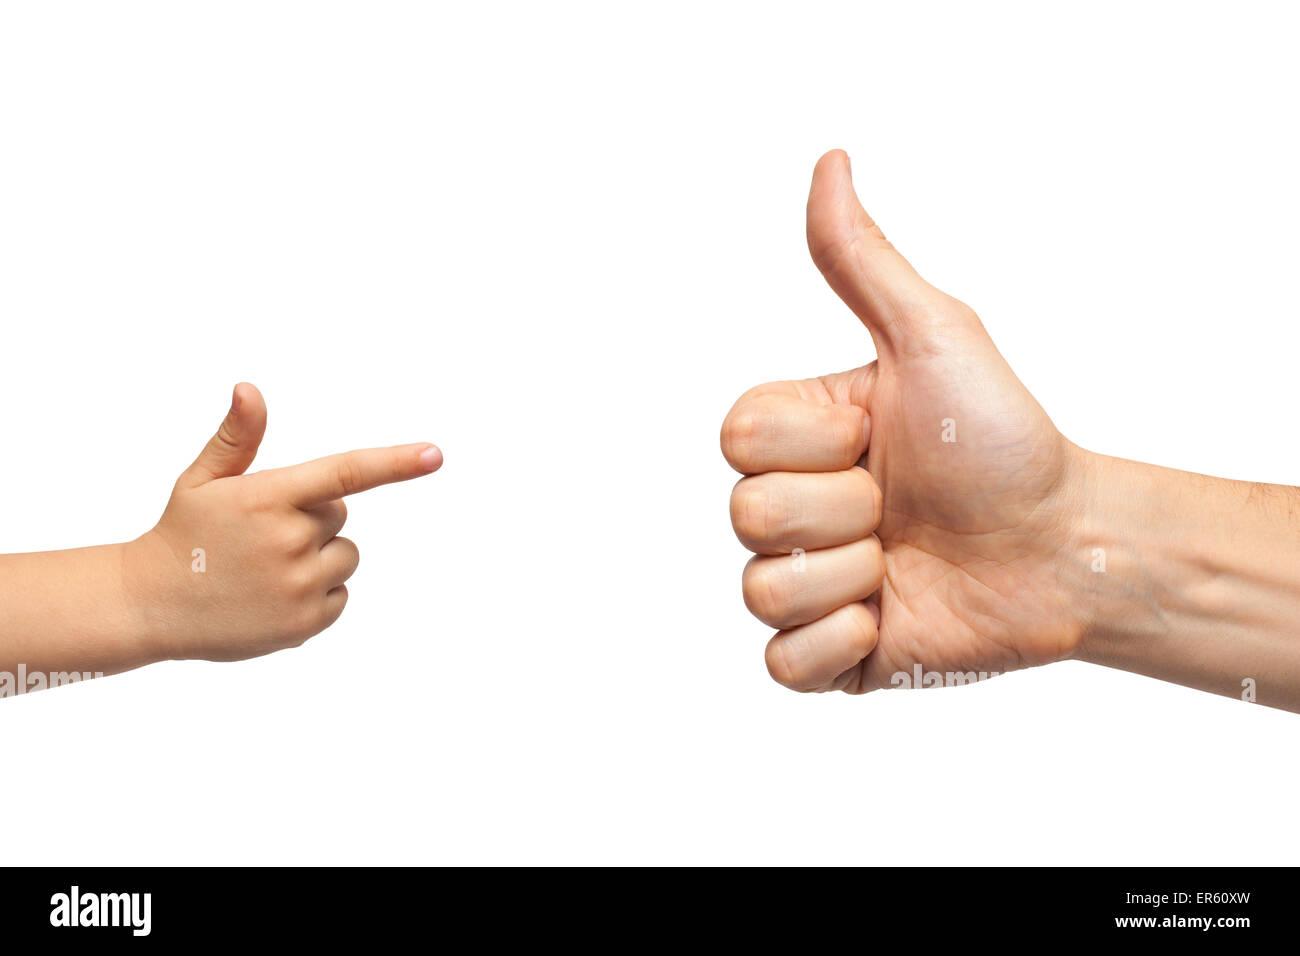 Père et fils donnant les mains comme des armes à feu et de pointage, ou geste sur fond blanc. Isolé Photo Stock